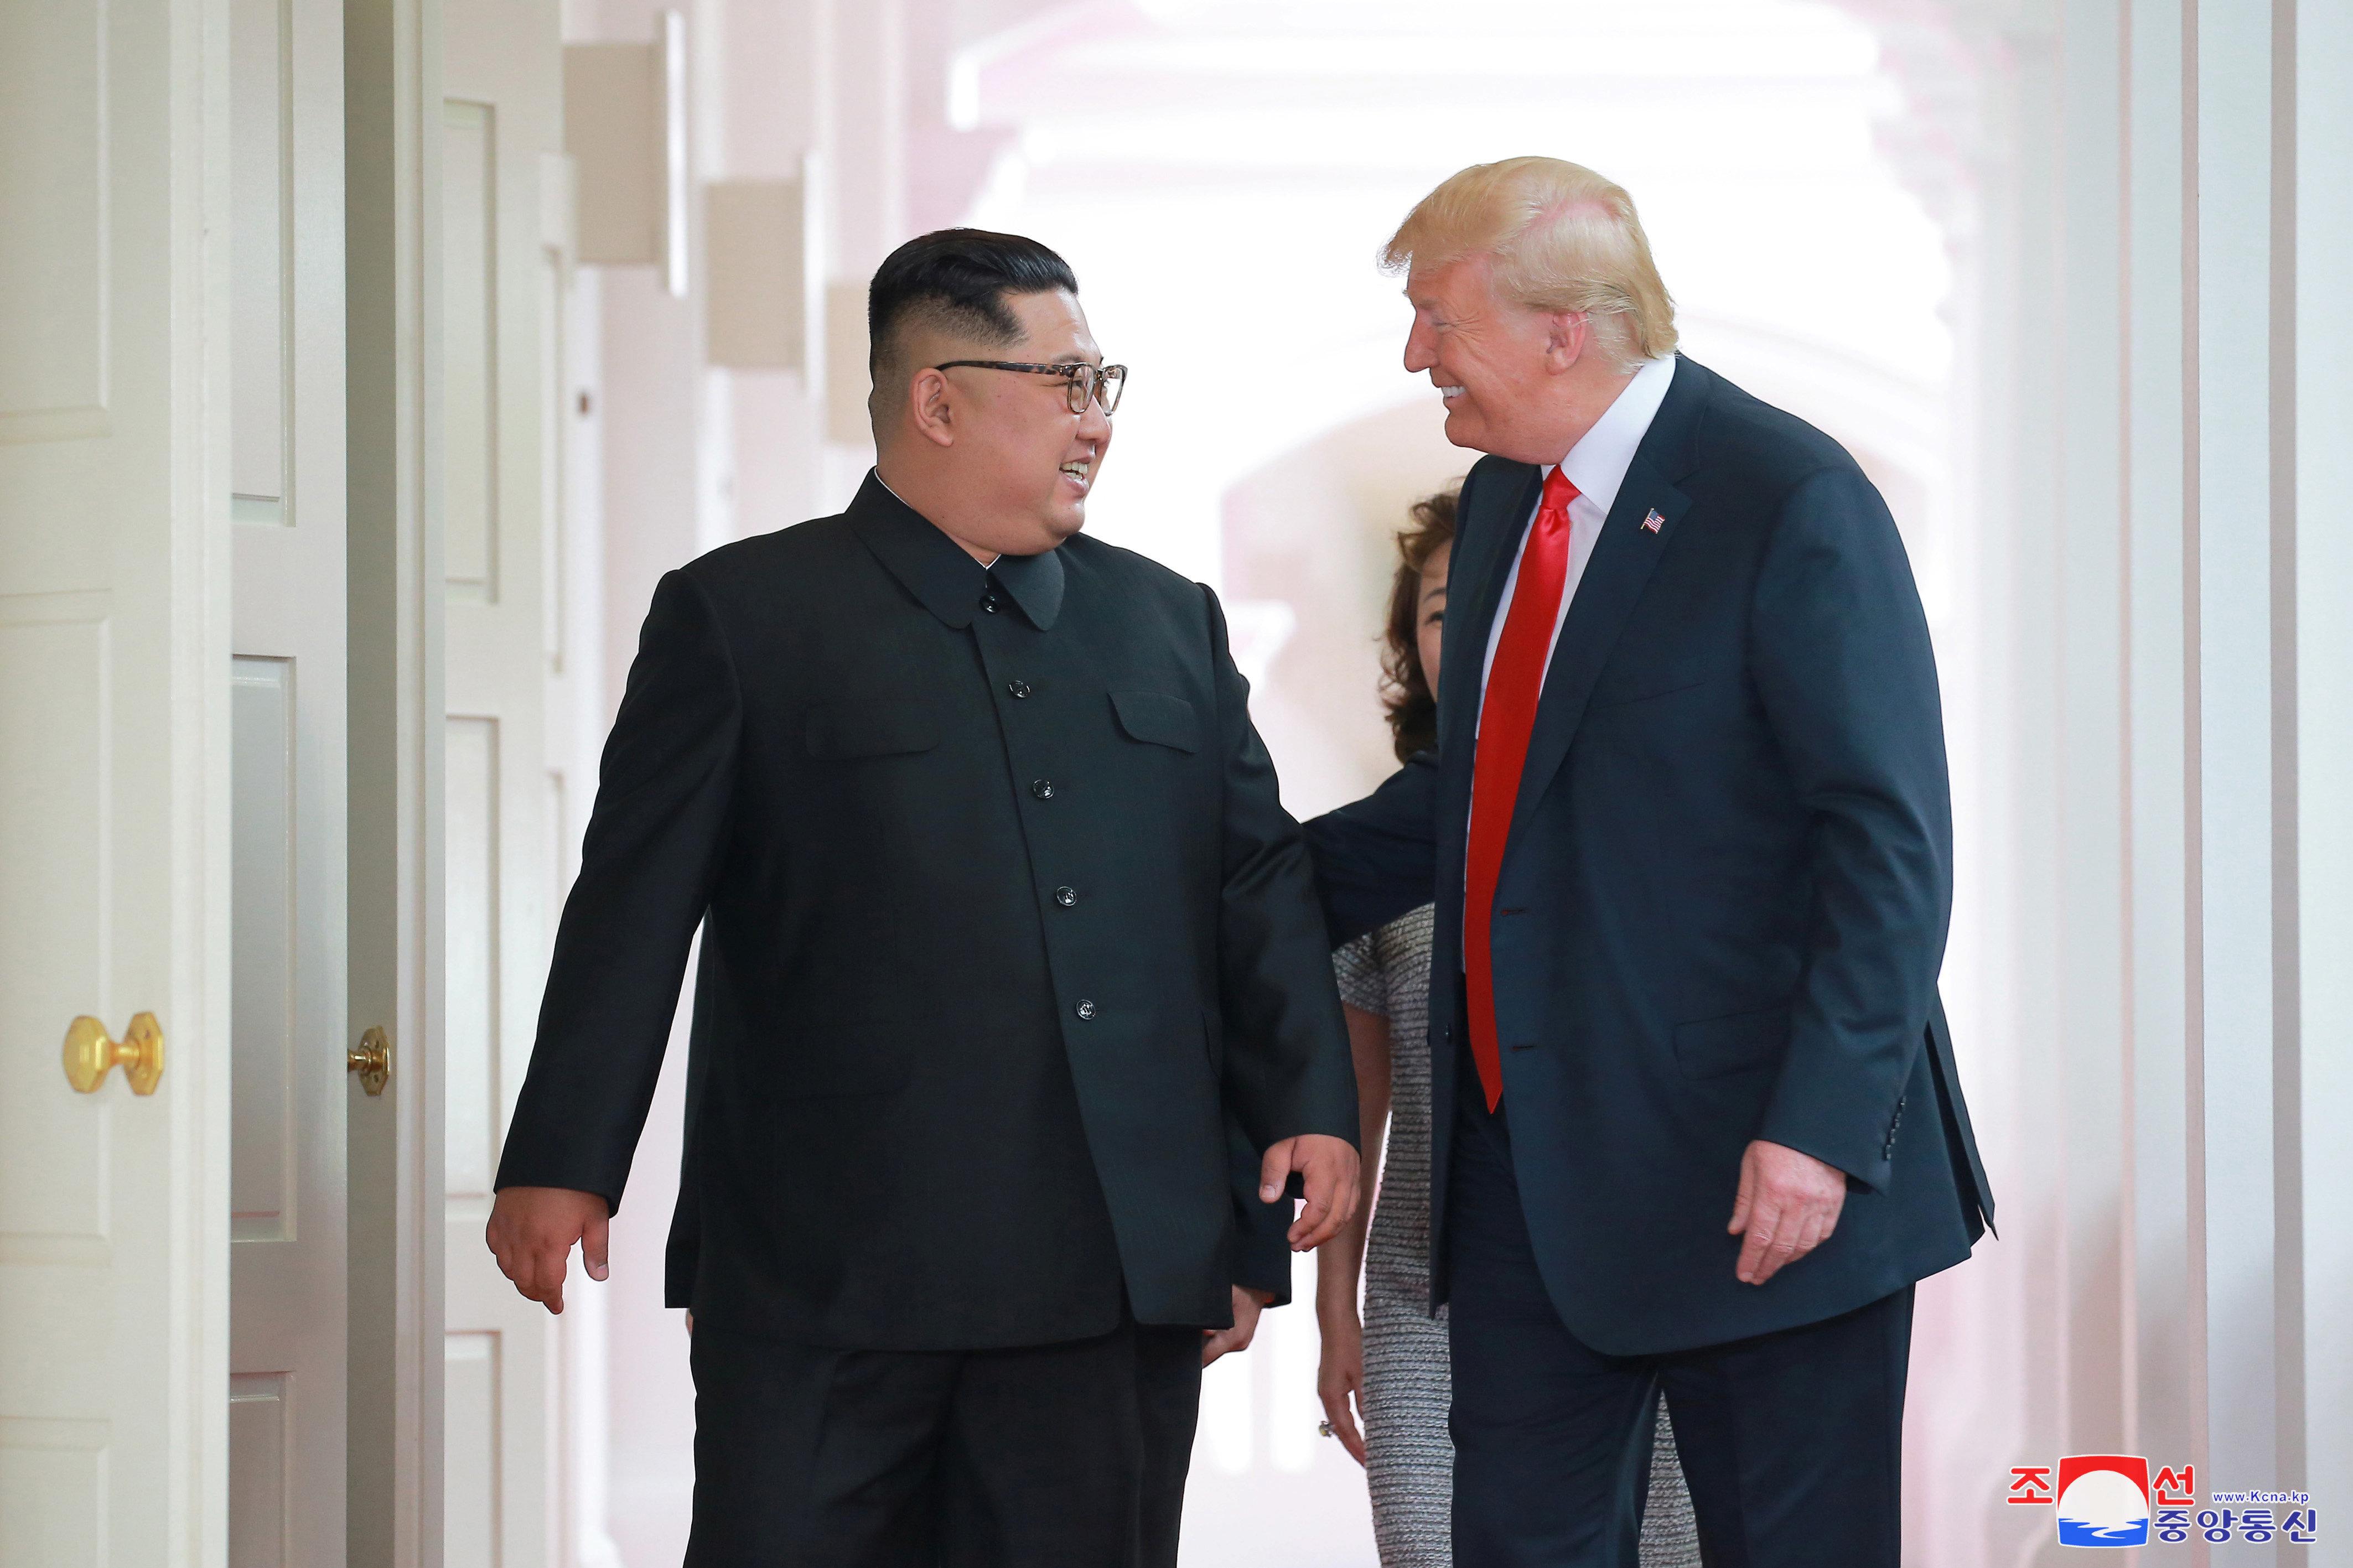 Colbert Spoof Imagines Kim Jong Un's Response To Trump's Weird Love